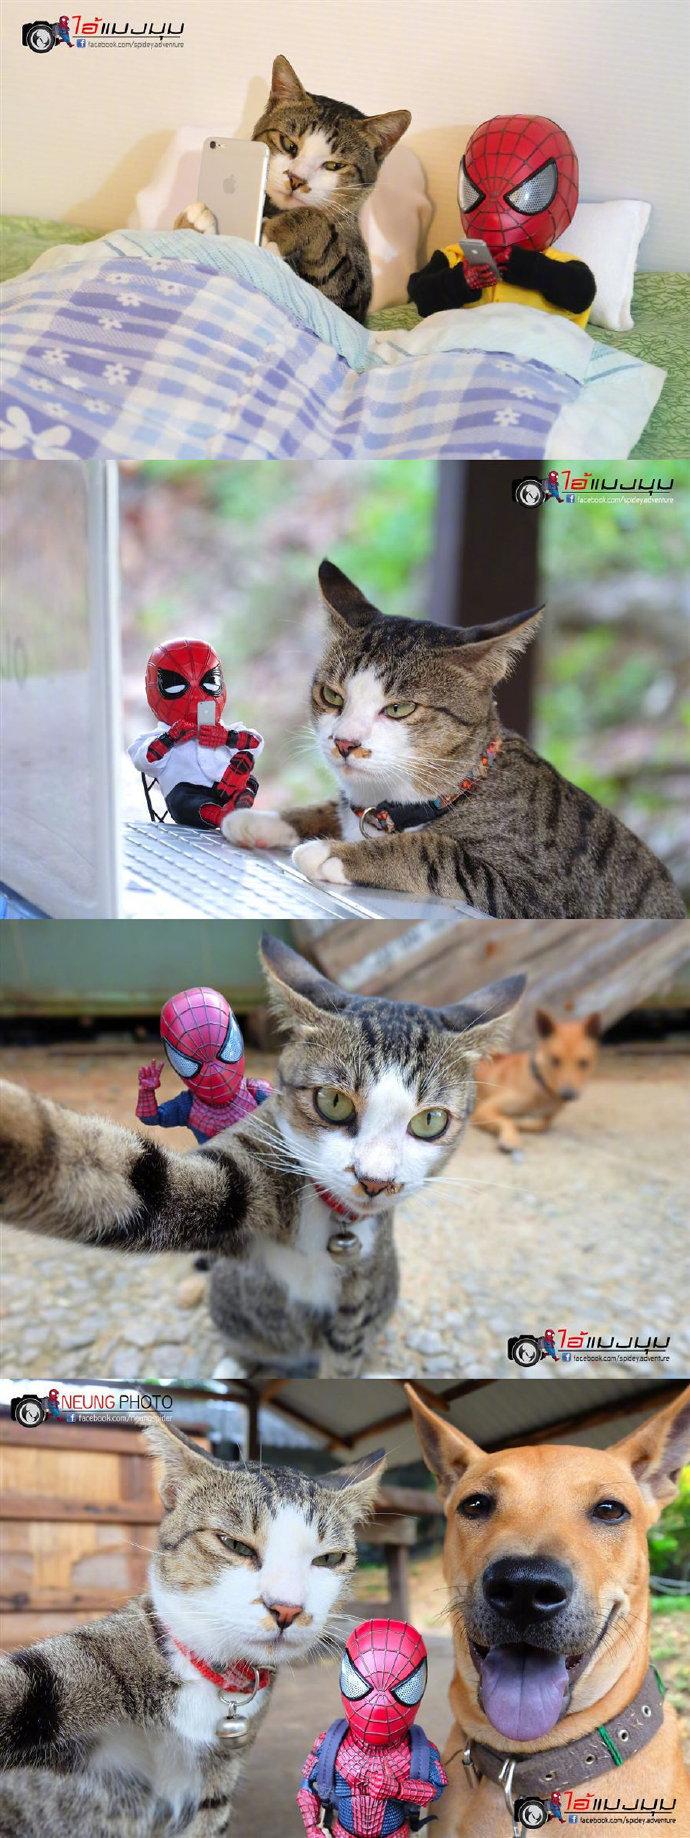 泰国的一名摄影师是蜘蛛侠的粉丝